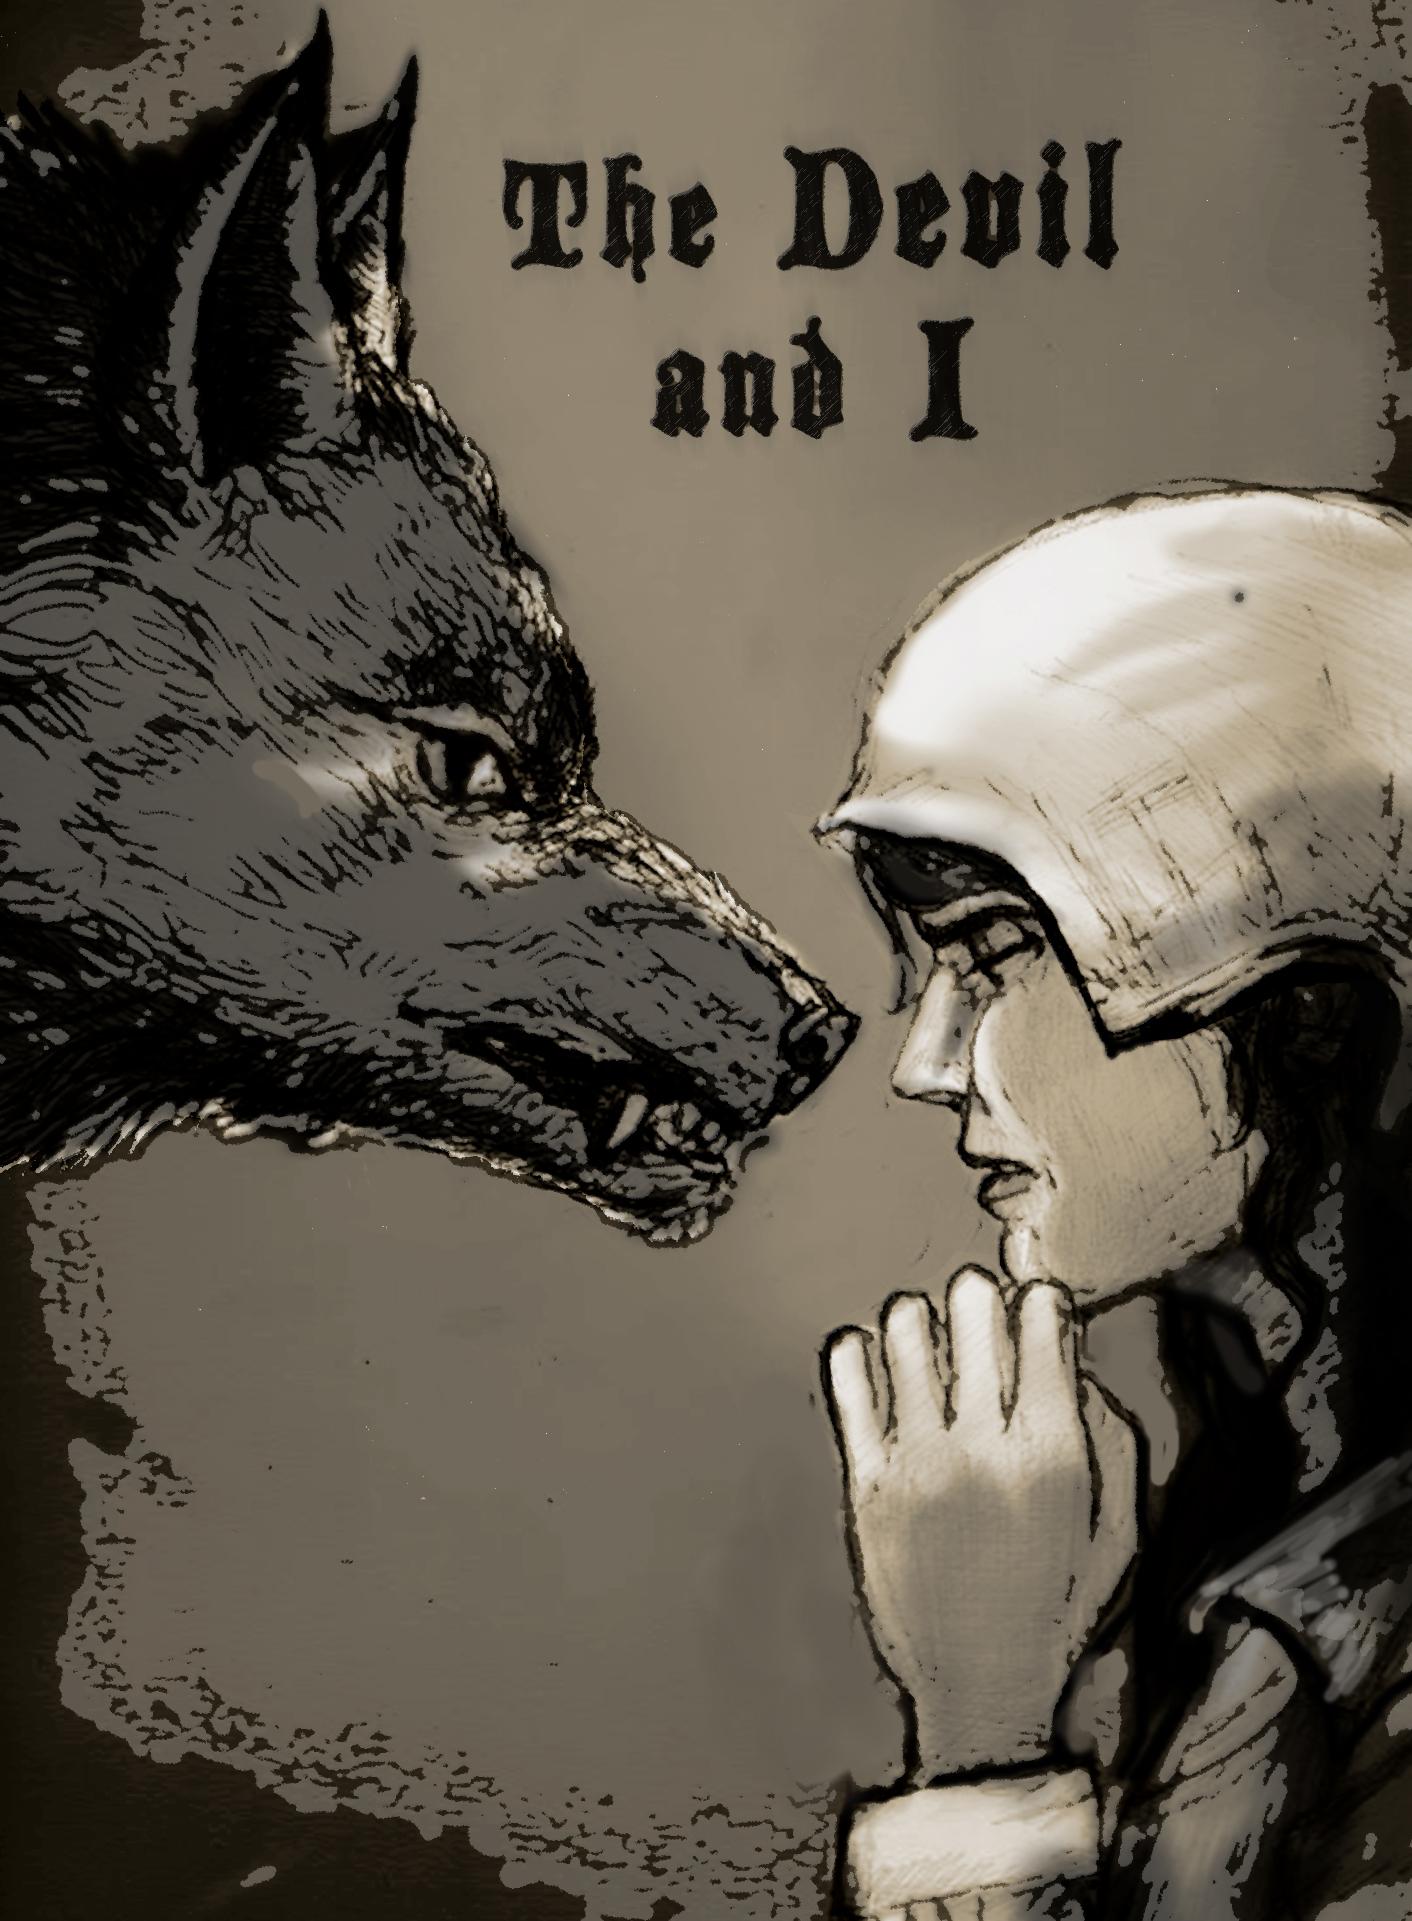 Devil_and_I_poster_05.jpg